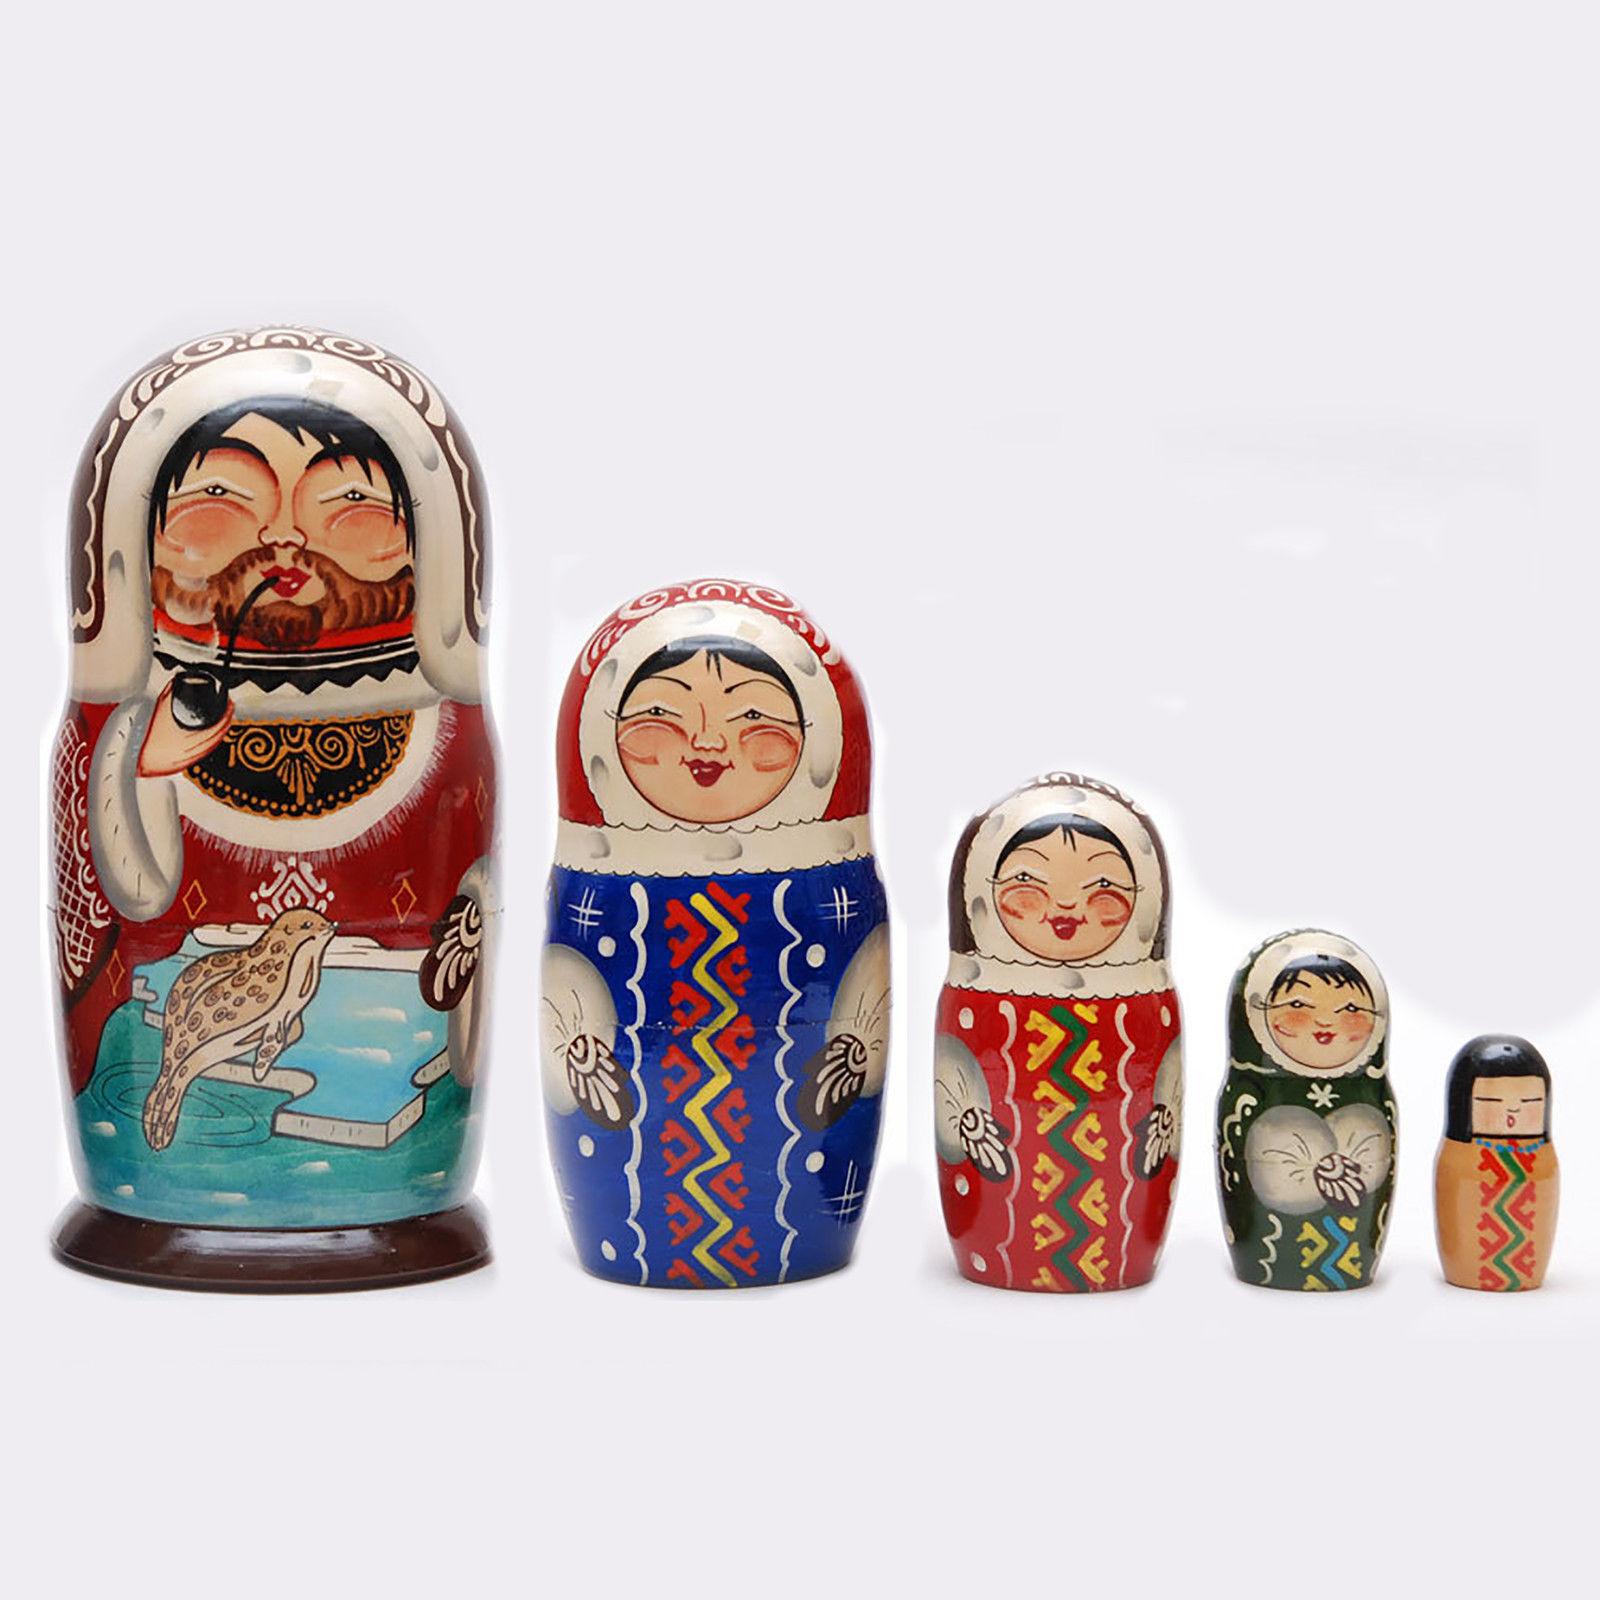 Nesting dolls Nothern people Eskimos matryoshka Hand-painted Signed 7